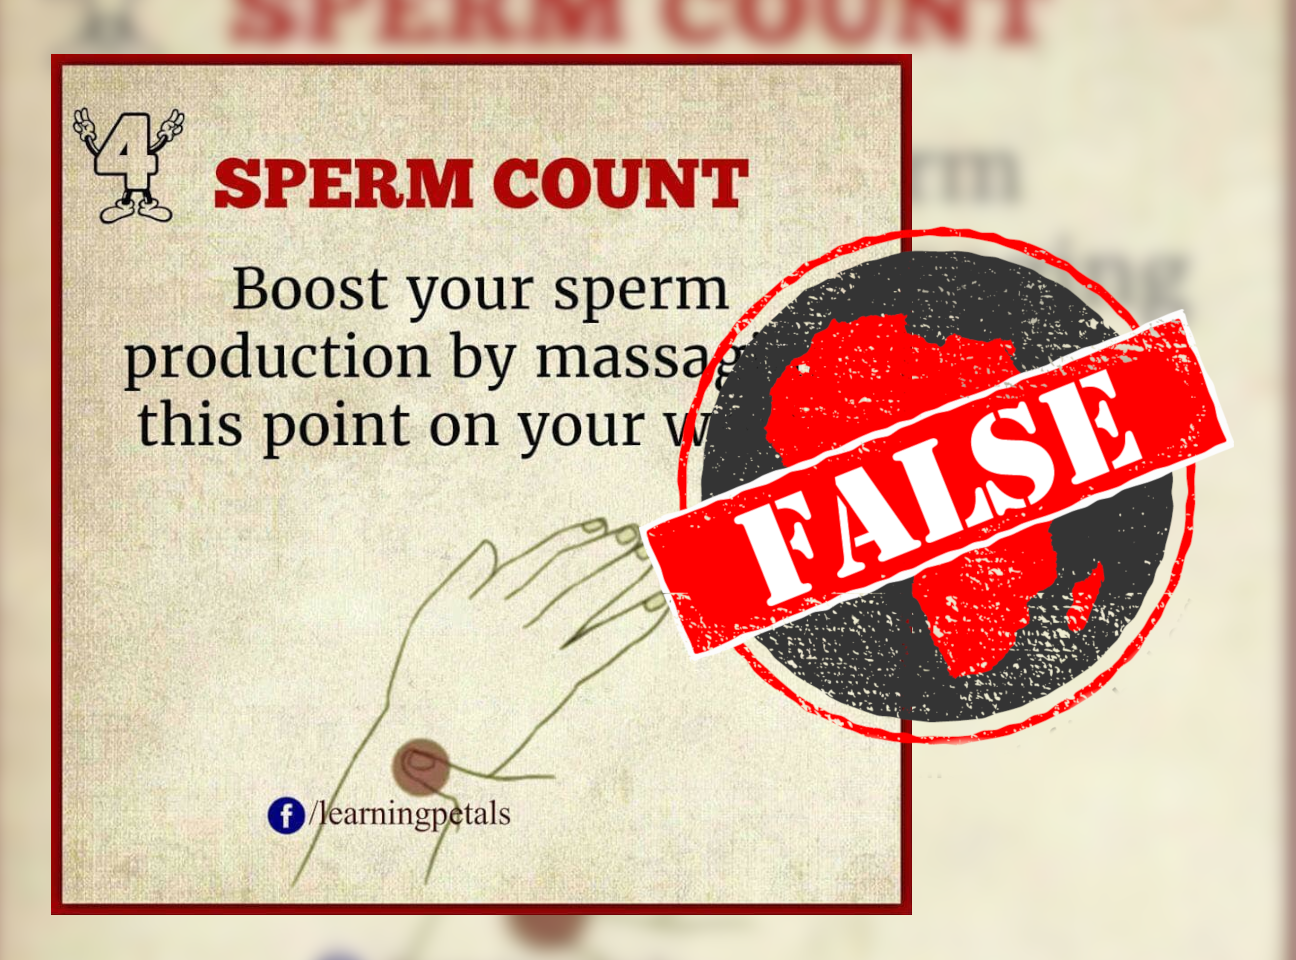 SpermCount_False